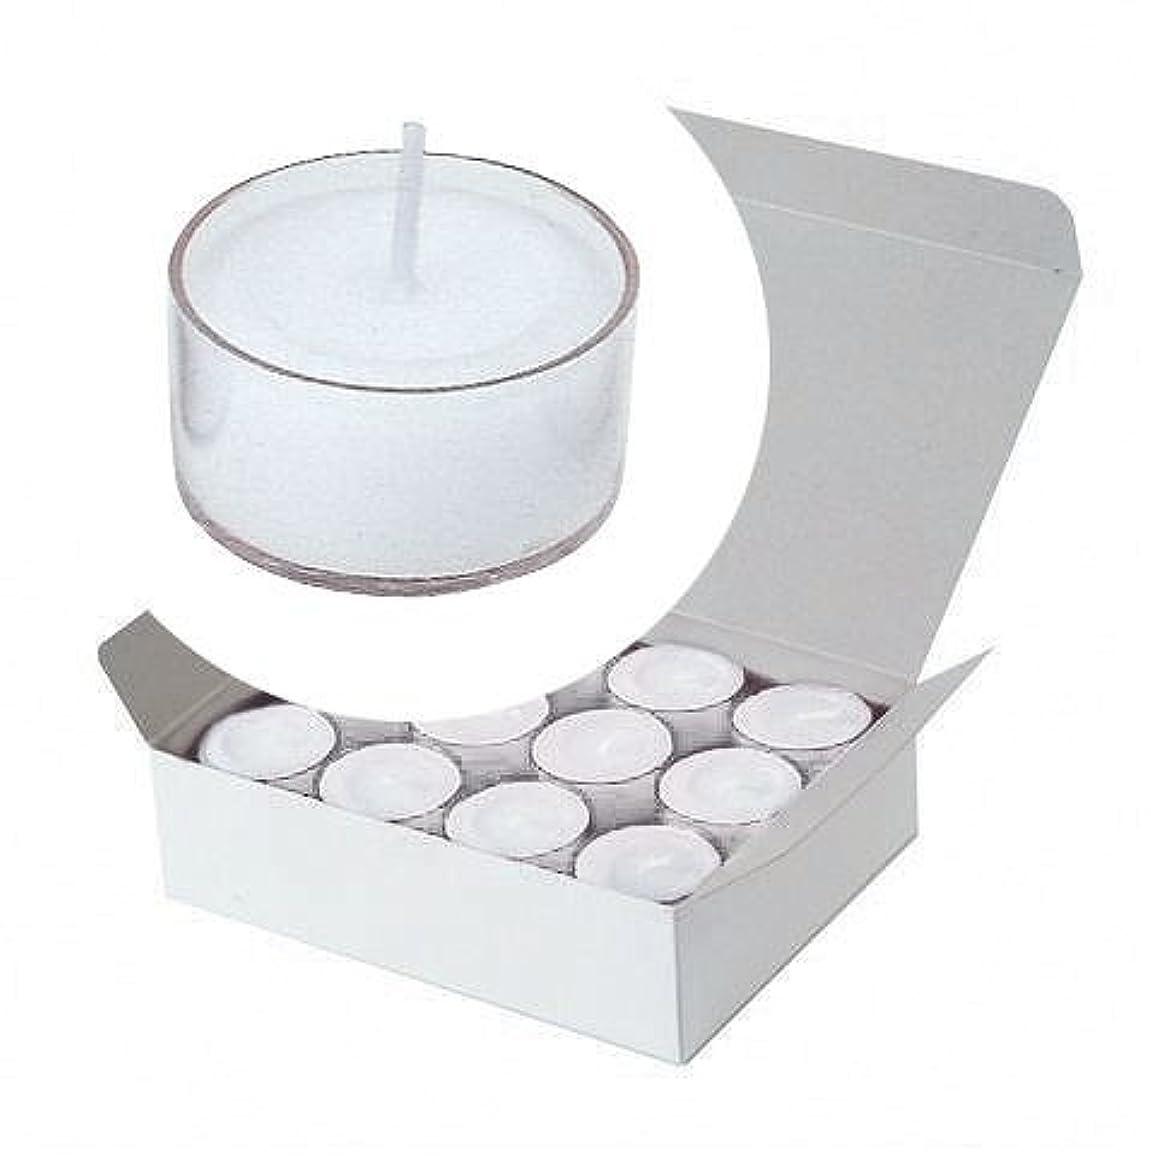 みすぼらしい剛性物理学者カメヤマキャンドル(kameyama candle) クリアカップティーライト24個入り 「 クリア 」